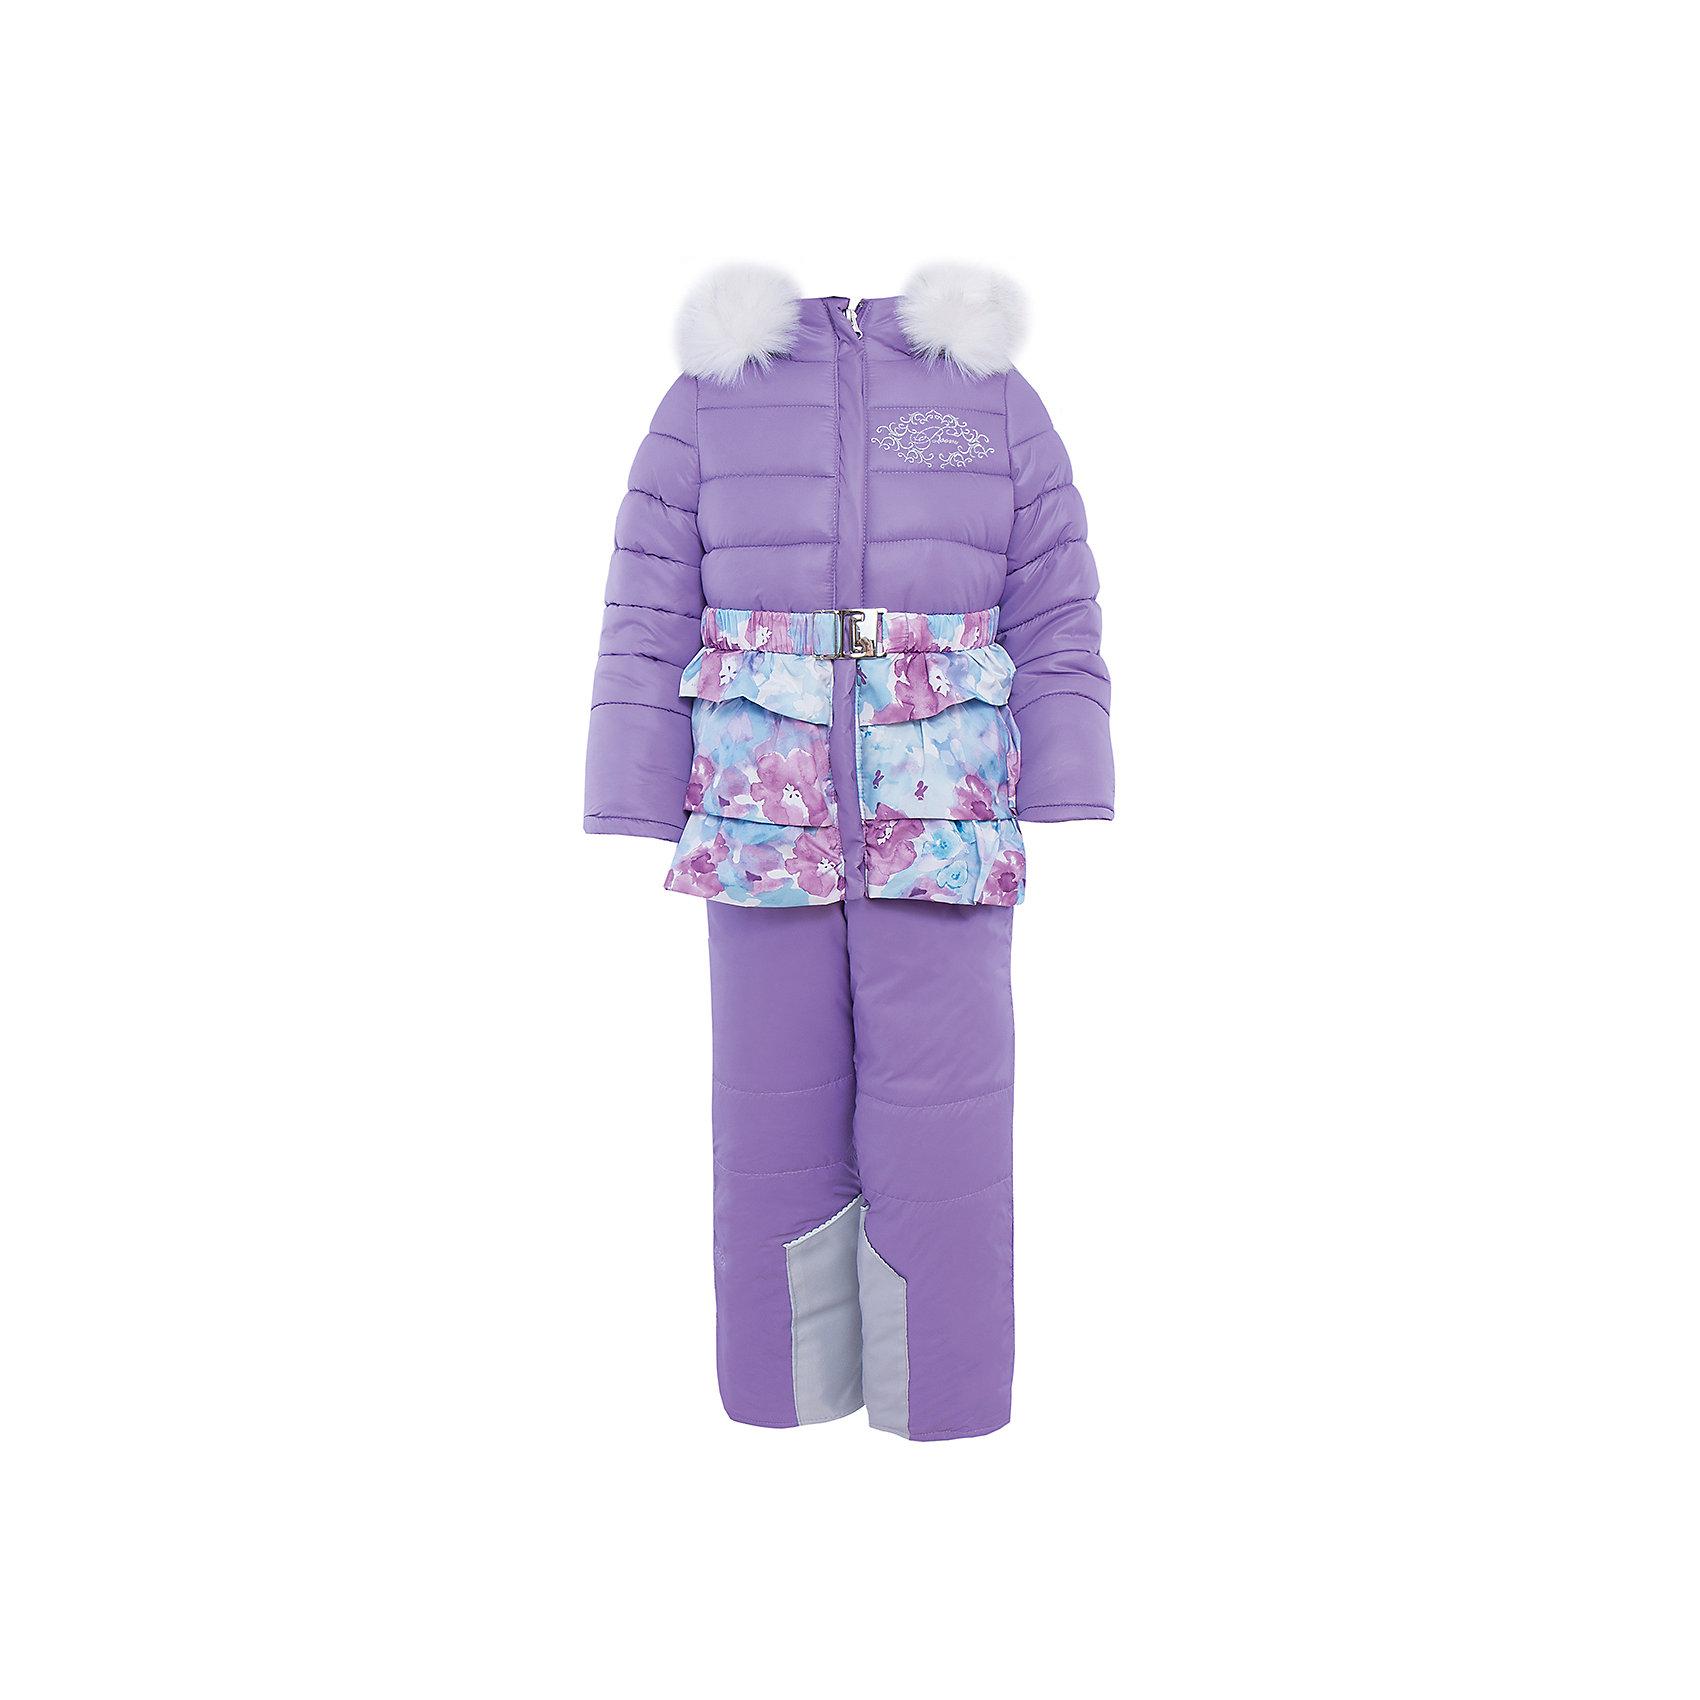 Комплект: куртка и брюки для девочки BOOM by OrbyВерхняя одежда<br>Характеристики изделия:<br><br>- комплектация: куртка, комбинезон, муфта;<br>- материал верха: мягкая болонь;<br>- подкладка: ПЭ, флис;<br>- утеплитель: Flexy Fiber 400 г/м2, <br>- отделка: вязаное полотно, искусственный мех;<br>- фурнитура: металл, пластик;<br>- застежка: молния;<br>- воротник;<br>- защита подбородка;<br>- клапан от ветра;<br>- вышивка на куртке;<br>- температурный режим до -30°С<br><br><br>В холодный сезон девочки хотят одеваться не только тепло, но и модно. Этот стильный и теплый комплект позволит ребенку наслаждаться зимним отдыхом, не боясь замерзнуть, и выглядеть при этом очень симпатично.<br>Теплая куртка плотно сидит благодаря манжетам и надежным застежкам. Она смотрится очень эффектно благодаря пушистому воротнику и воланам по низу. Полукомбинезон дополнен регулируемыми лямками, карманами и манжетами.<br><br>Комплект: курта и брюки для девочки от бренда BOOM by Orby можно купить в нашем магазине.<br><br>Ширина мм: 215<br>Глубина мм: 88<br>Высота мм: 191<br>Вес г: 336<br>Цвет: розовый<br>Возраст от месяцев: 24<br>Возраст до месяцев: 36<br>Пол: Женский<br>Возраст: Детский<br>Размер: 98,122,104,110,116,92,86<br>SKU: 4982540